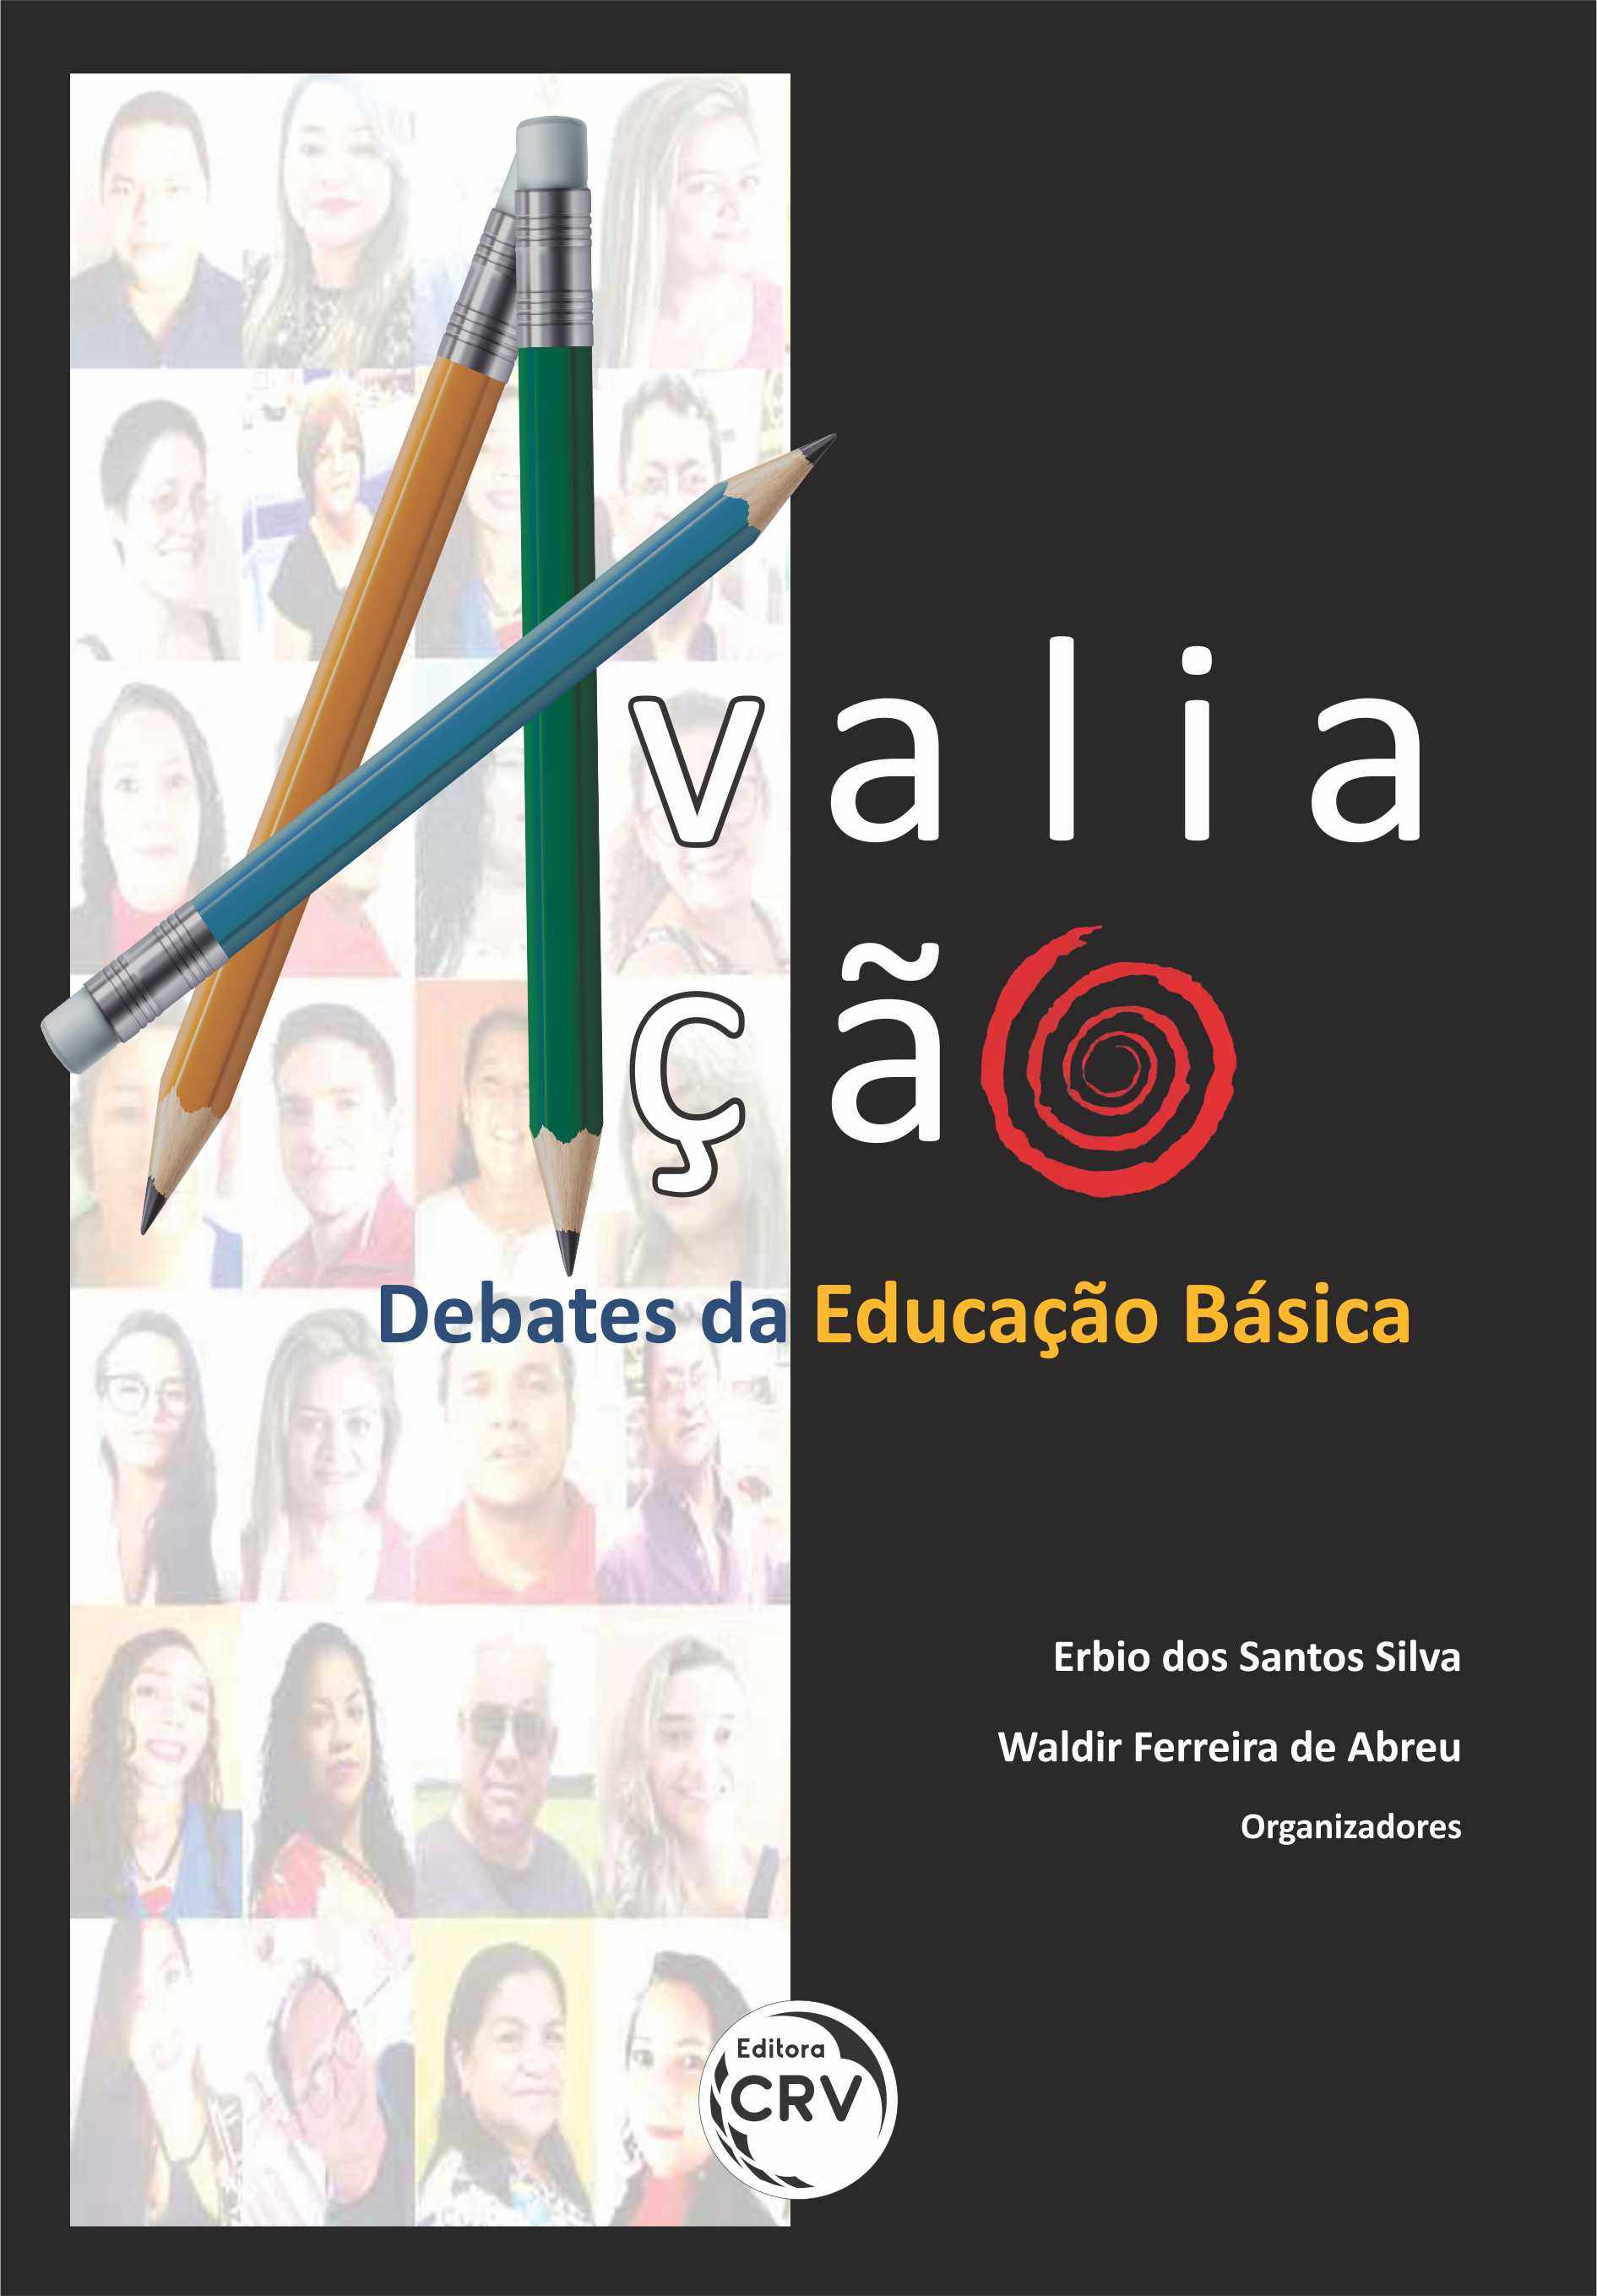 Capa do livro: AVALIAÇÃO:<br> debates da educação básica